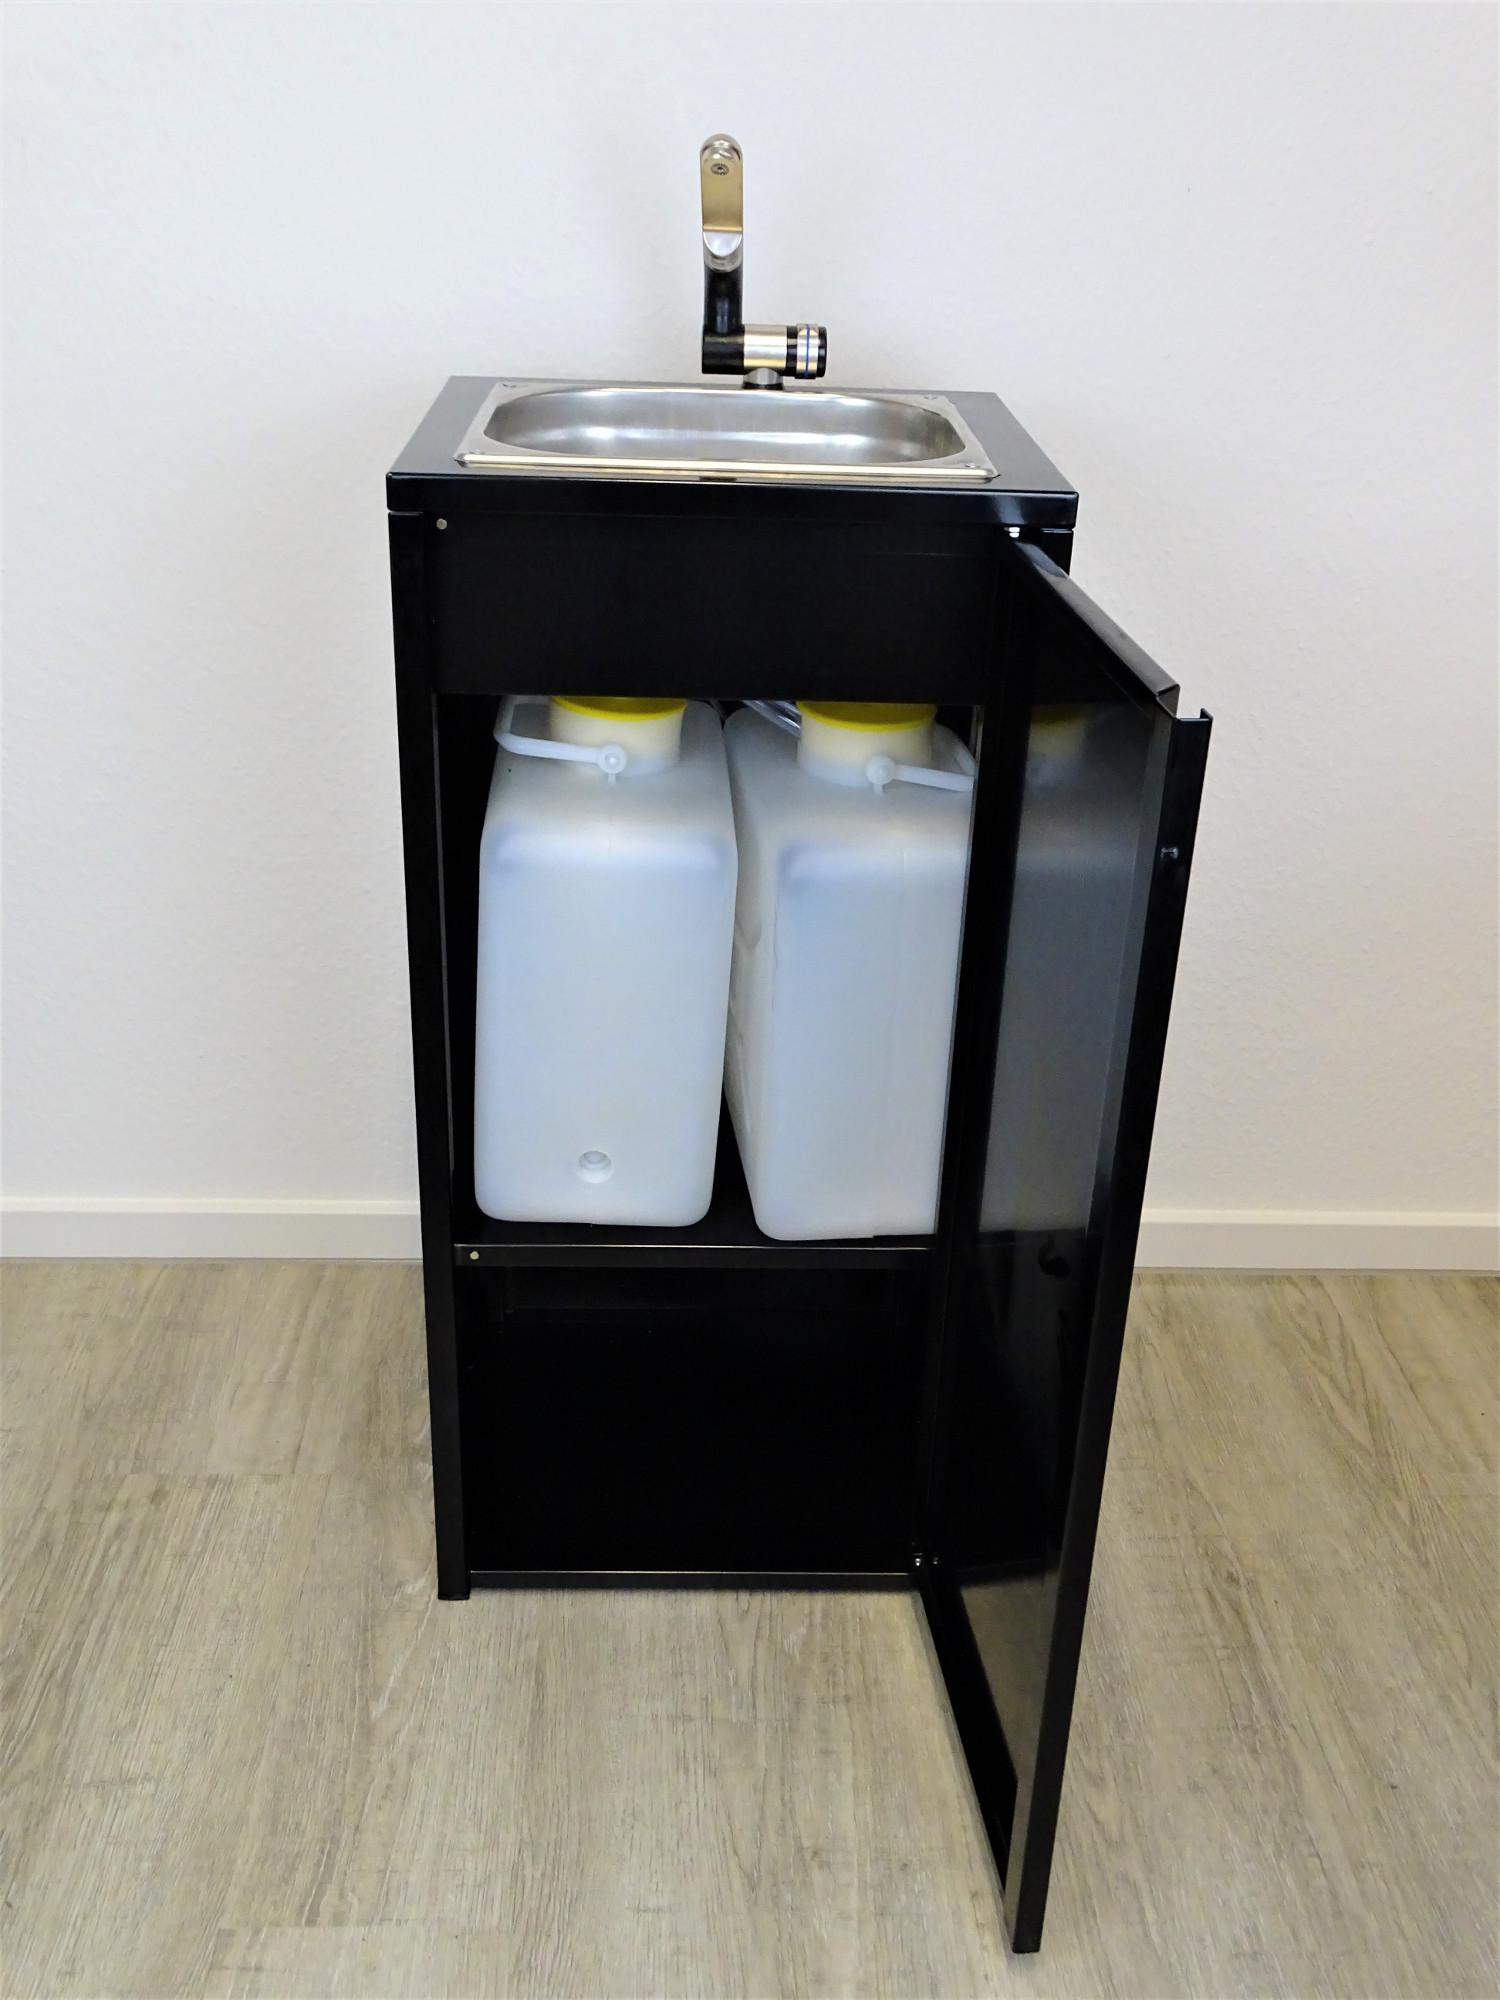 mobiles waschbecken sp lbecken handwaschbecken camping mit. Black Bedroom Furniture Sets. Home Design Ideas